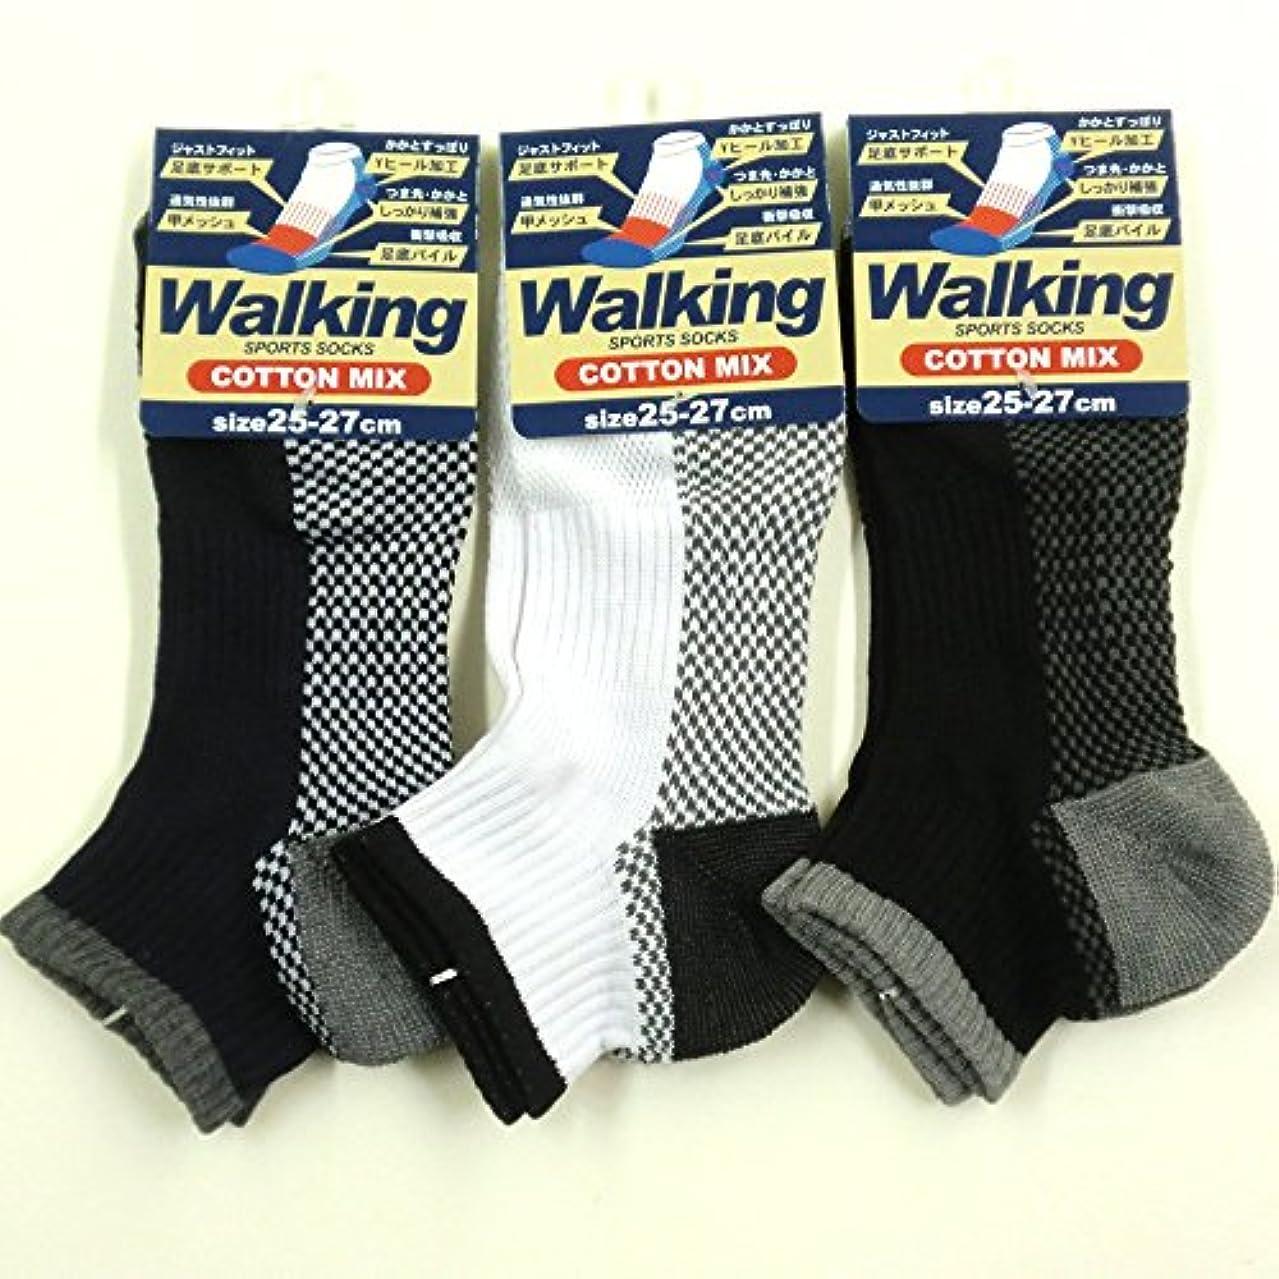 説教する乱闘管理スニーカー ソックス メンズ ウォーキング 靴下 綿混 足底パイル 25-27cm 3足セット